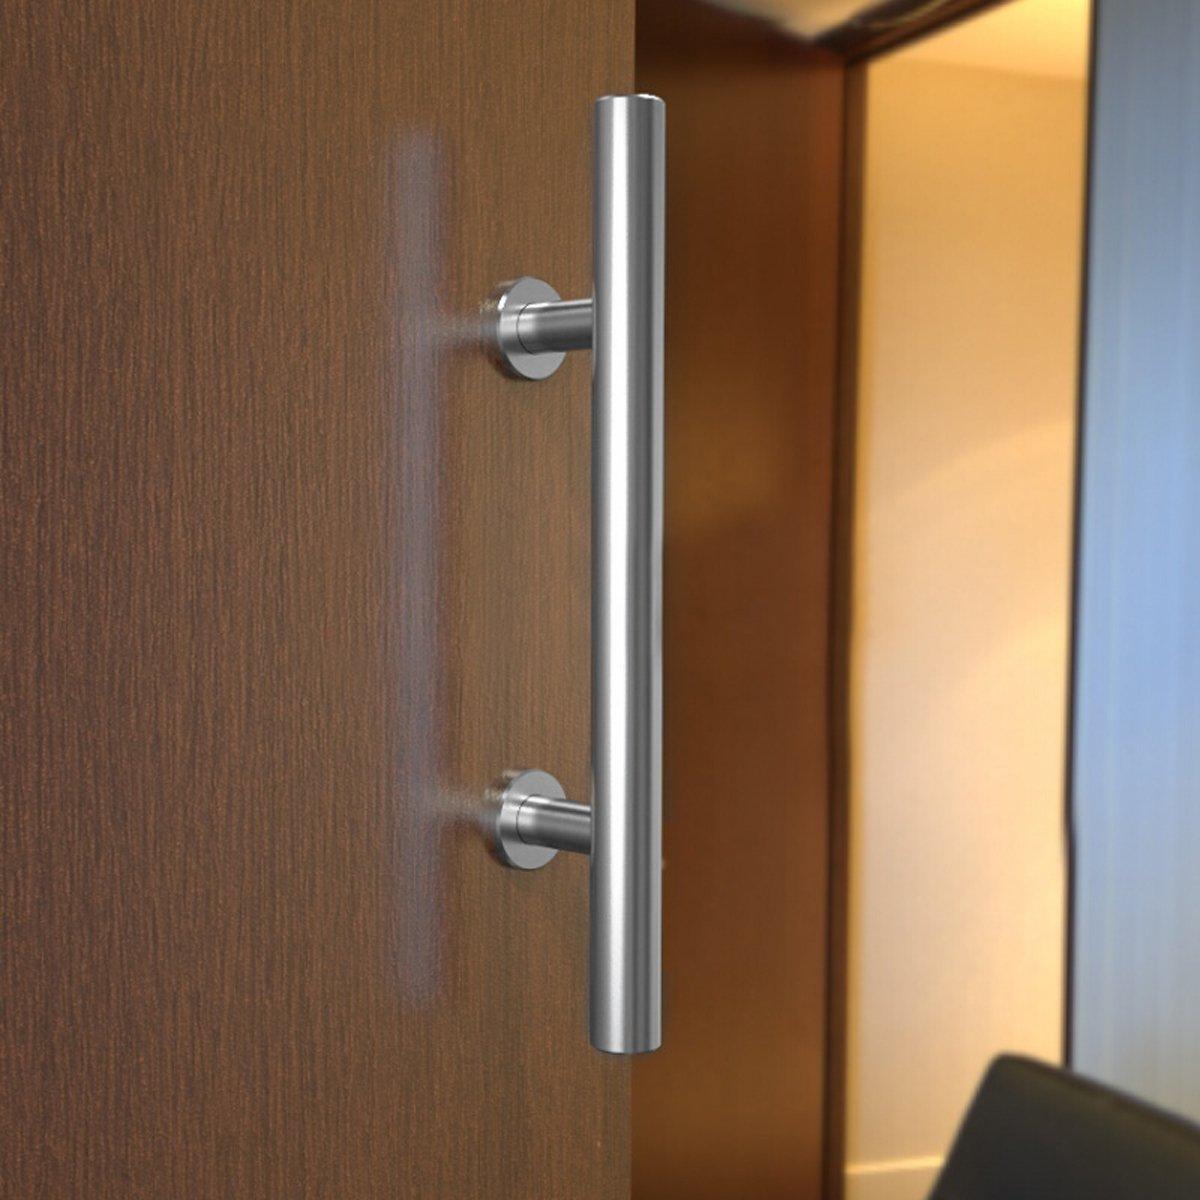 Onarway en acier inoxydable tirer et Flush Poign/ée de porte bois et verre Poign/ée de porte. Poli rustique Porte de Grange